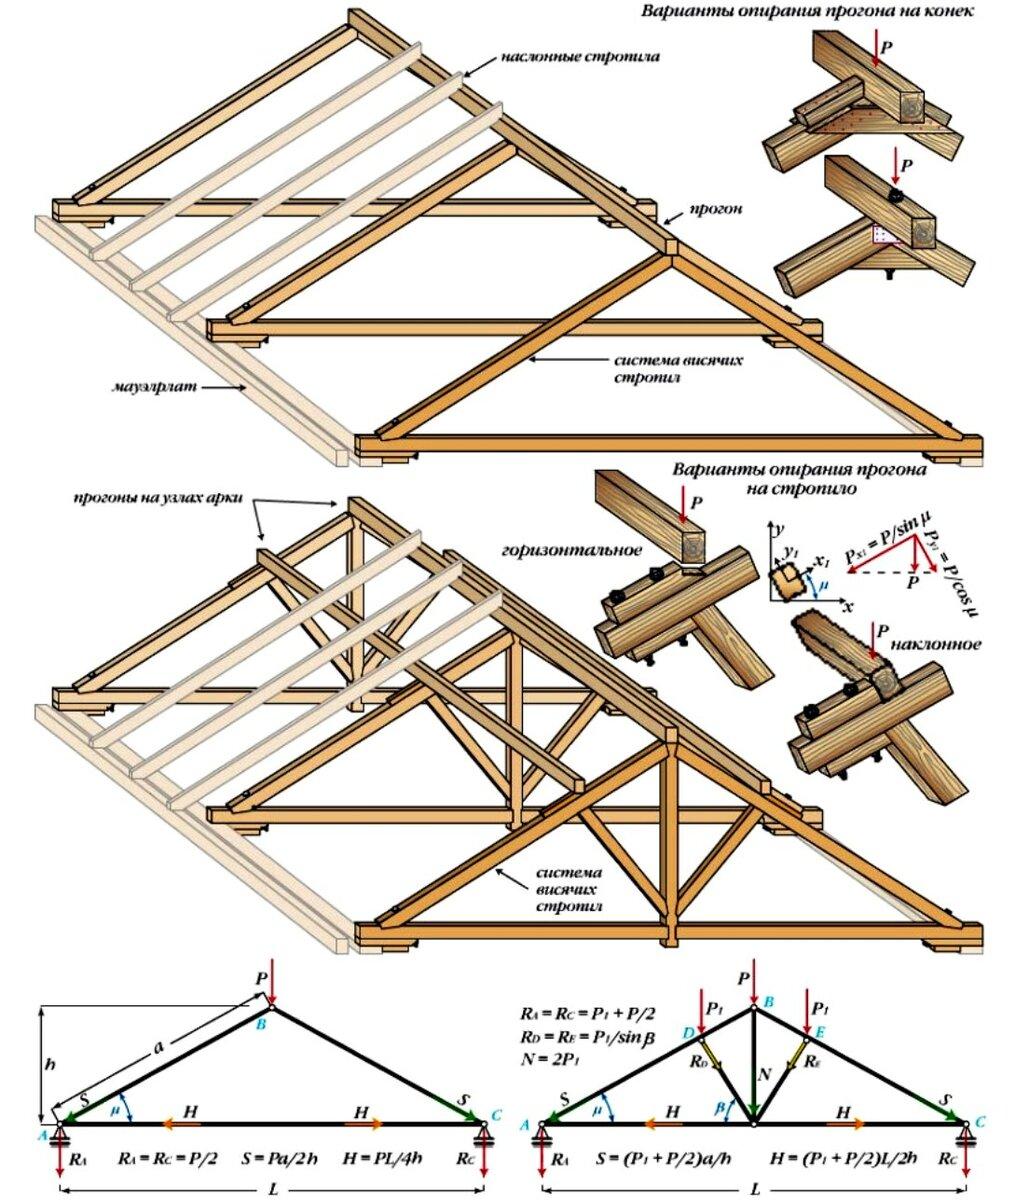 Стропильная система четырехскатной крыши: обзор вальмовой и шатровой конструкций